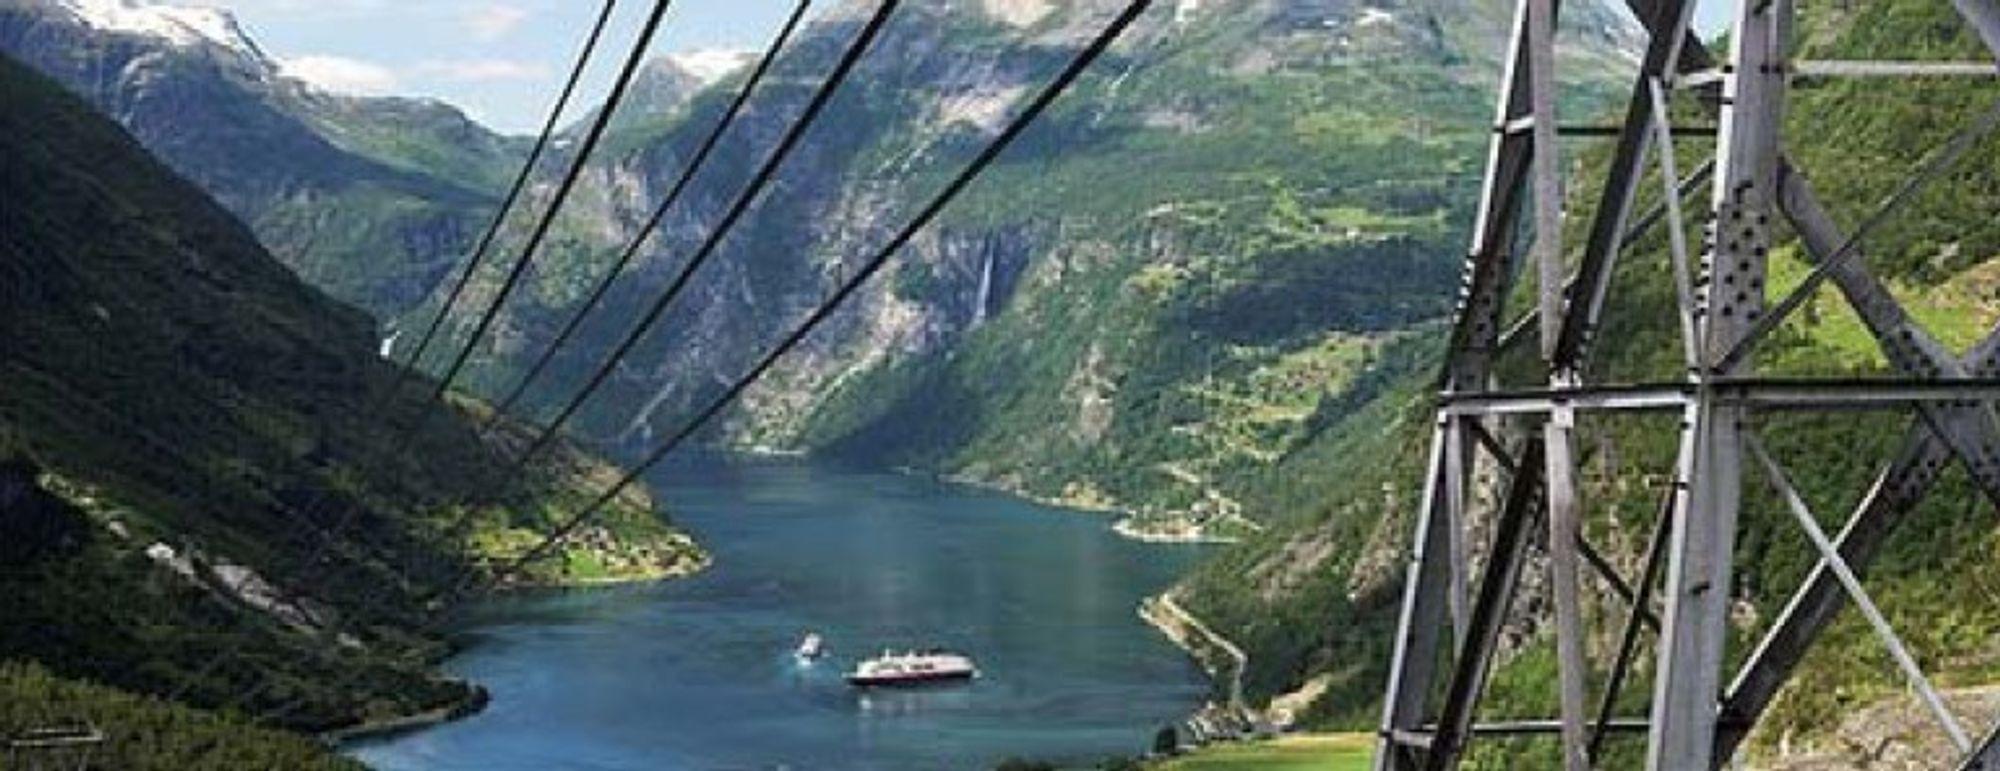 """POSTKORTKAMPANJE: """"Greetings from Hardangerfjorden"""" står det på dette postkortet, som er spredt i 50 000 eksemplarer av DNT og NHO Reiseliv. Kampanjen har fått Statkraft til å se rødt."""